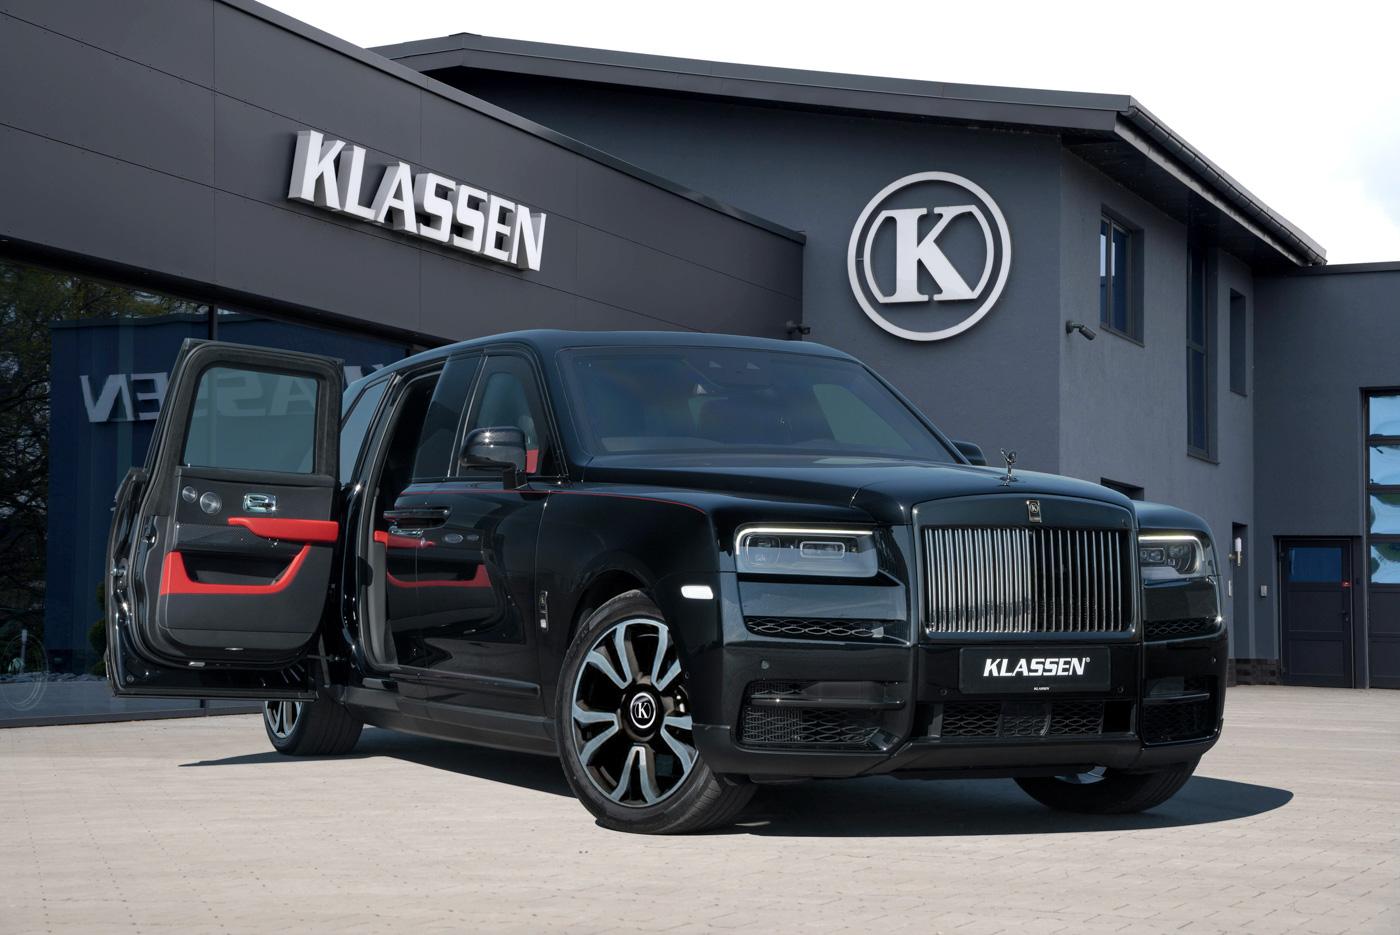 Kham-pha-sieu-phao-dai-rolls-royce-cullinan-do-limousine-cung-ao-giap-chong-dan-cuc-an-toan (15).JPG